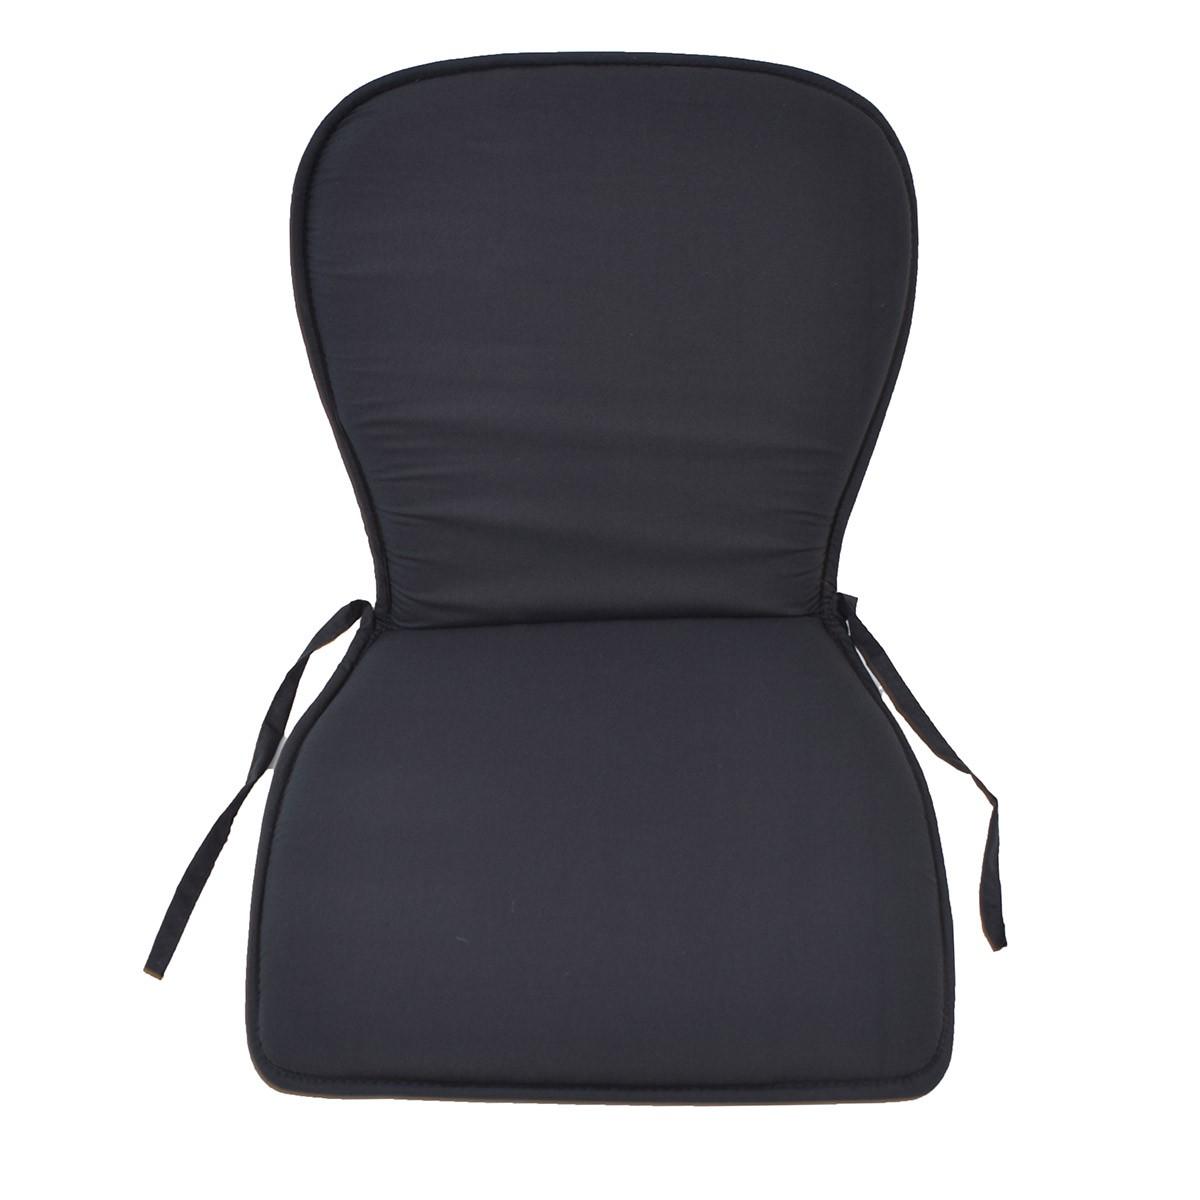 Μαξιλάρι Καρέκλας Κιθάρα Fratoni Solid Black home   κουζίνα   τραπεζαρία   μαξιλάρια καρέκλας